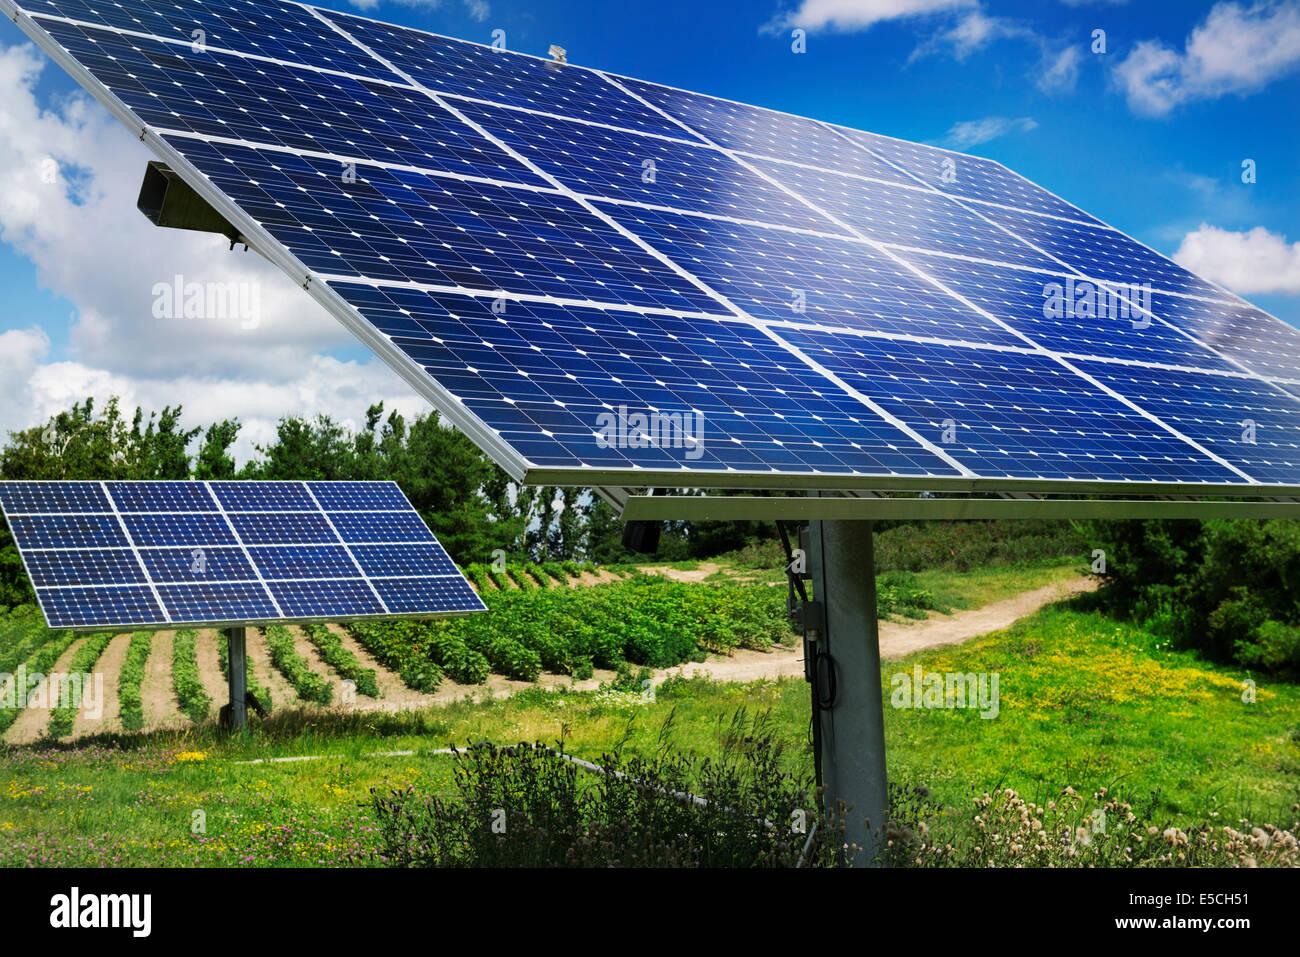 Paneles solares con luz solar trackers en una granja en Milton, Ontario, Canadá. Imagen De Stock